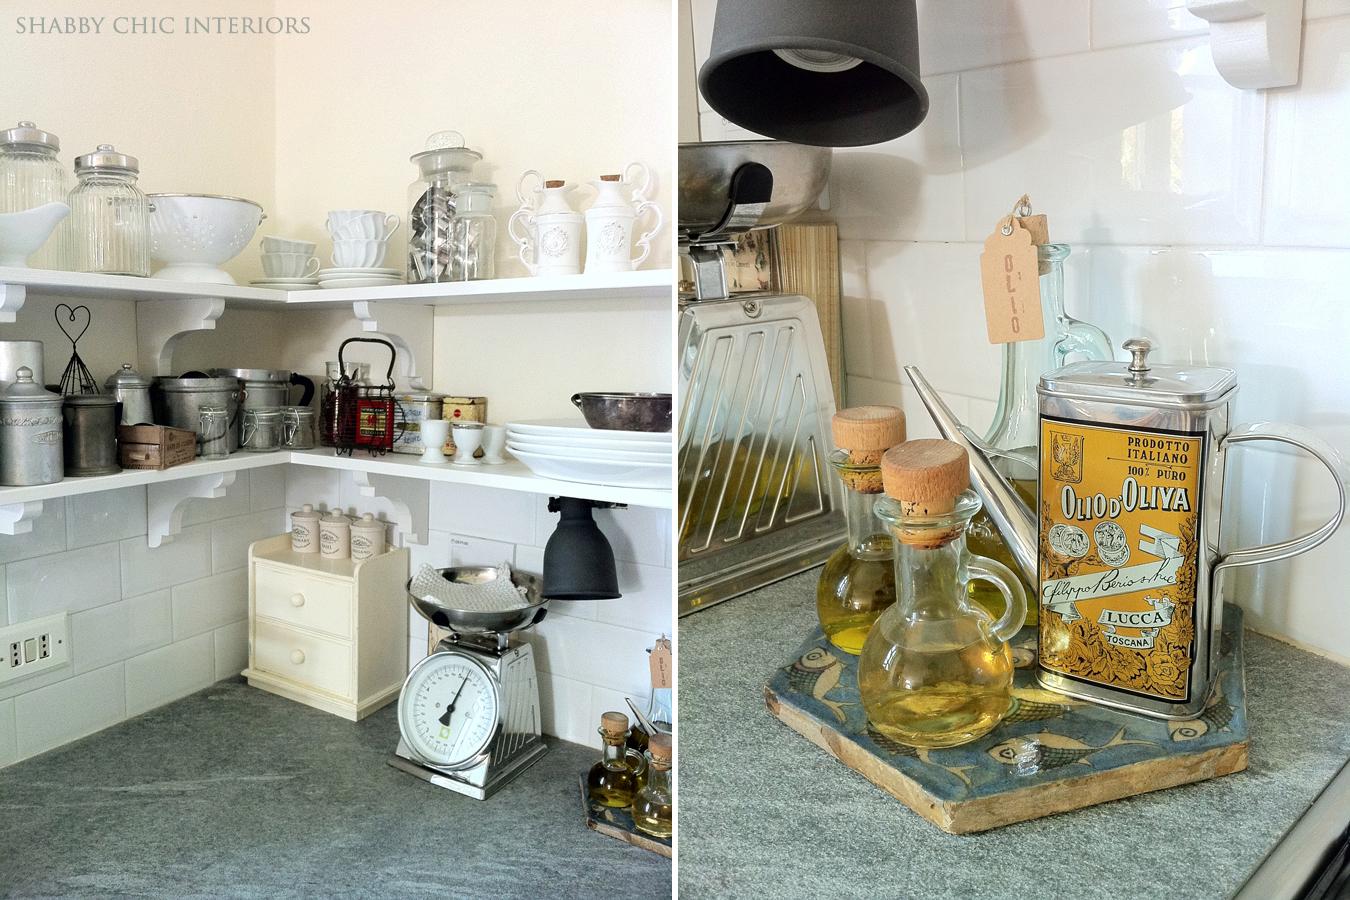 Dettagli in cucina - Shabby Chic Interiors